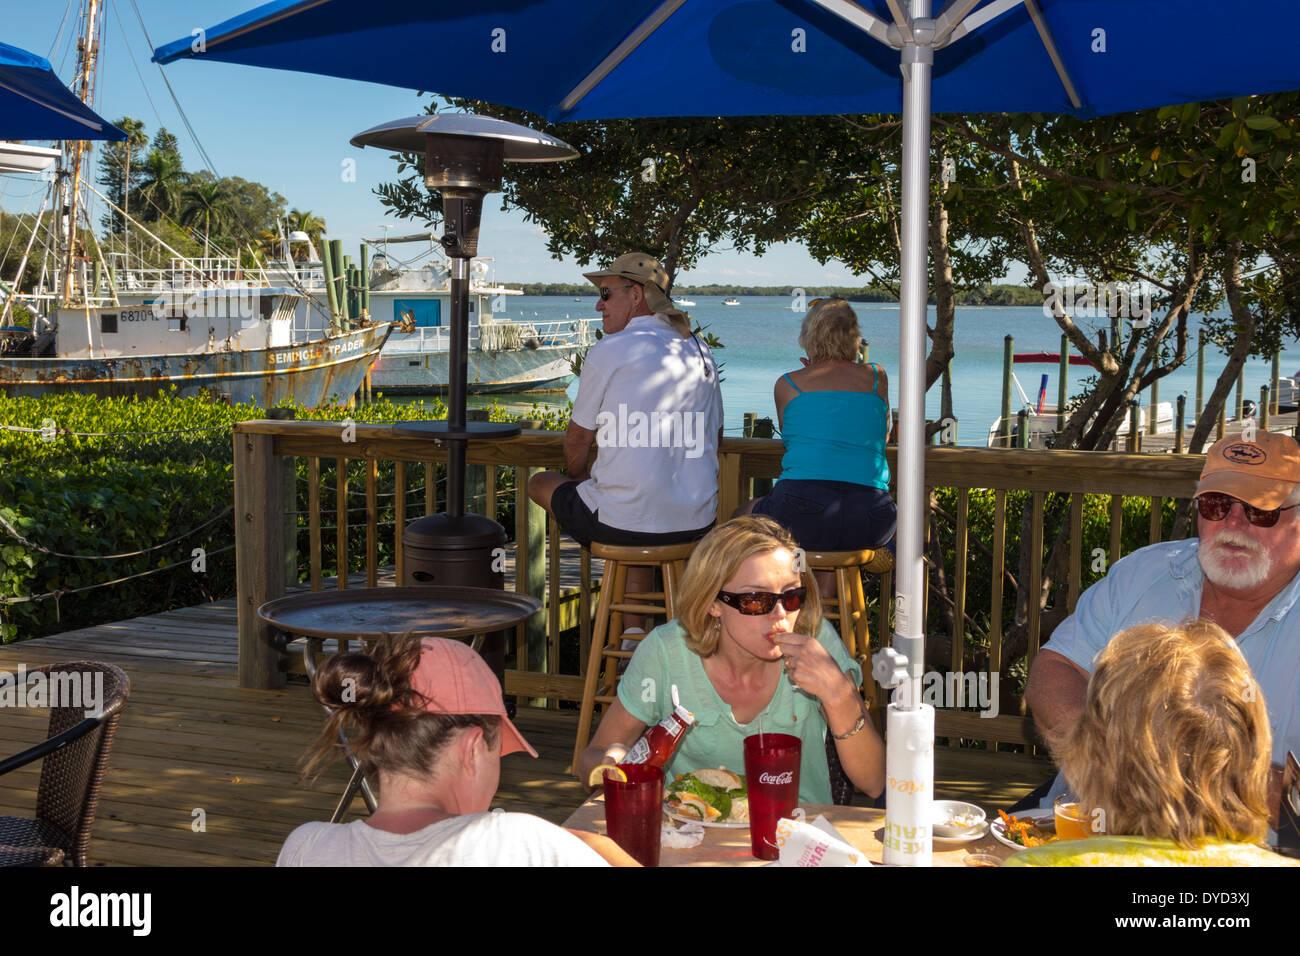 Port Charlotte Florida Placida Harbor Restaurant El restaurante Bahía Gasparilla la pesca en el Golfo de México Imagen De Stock